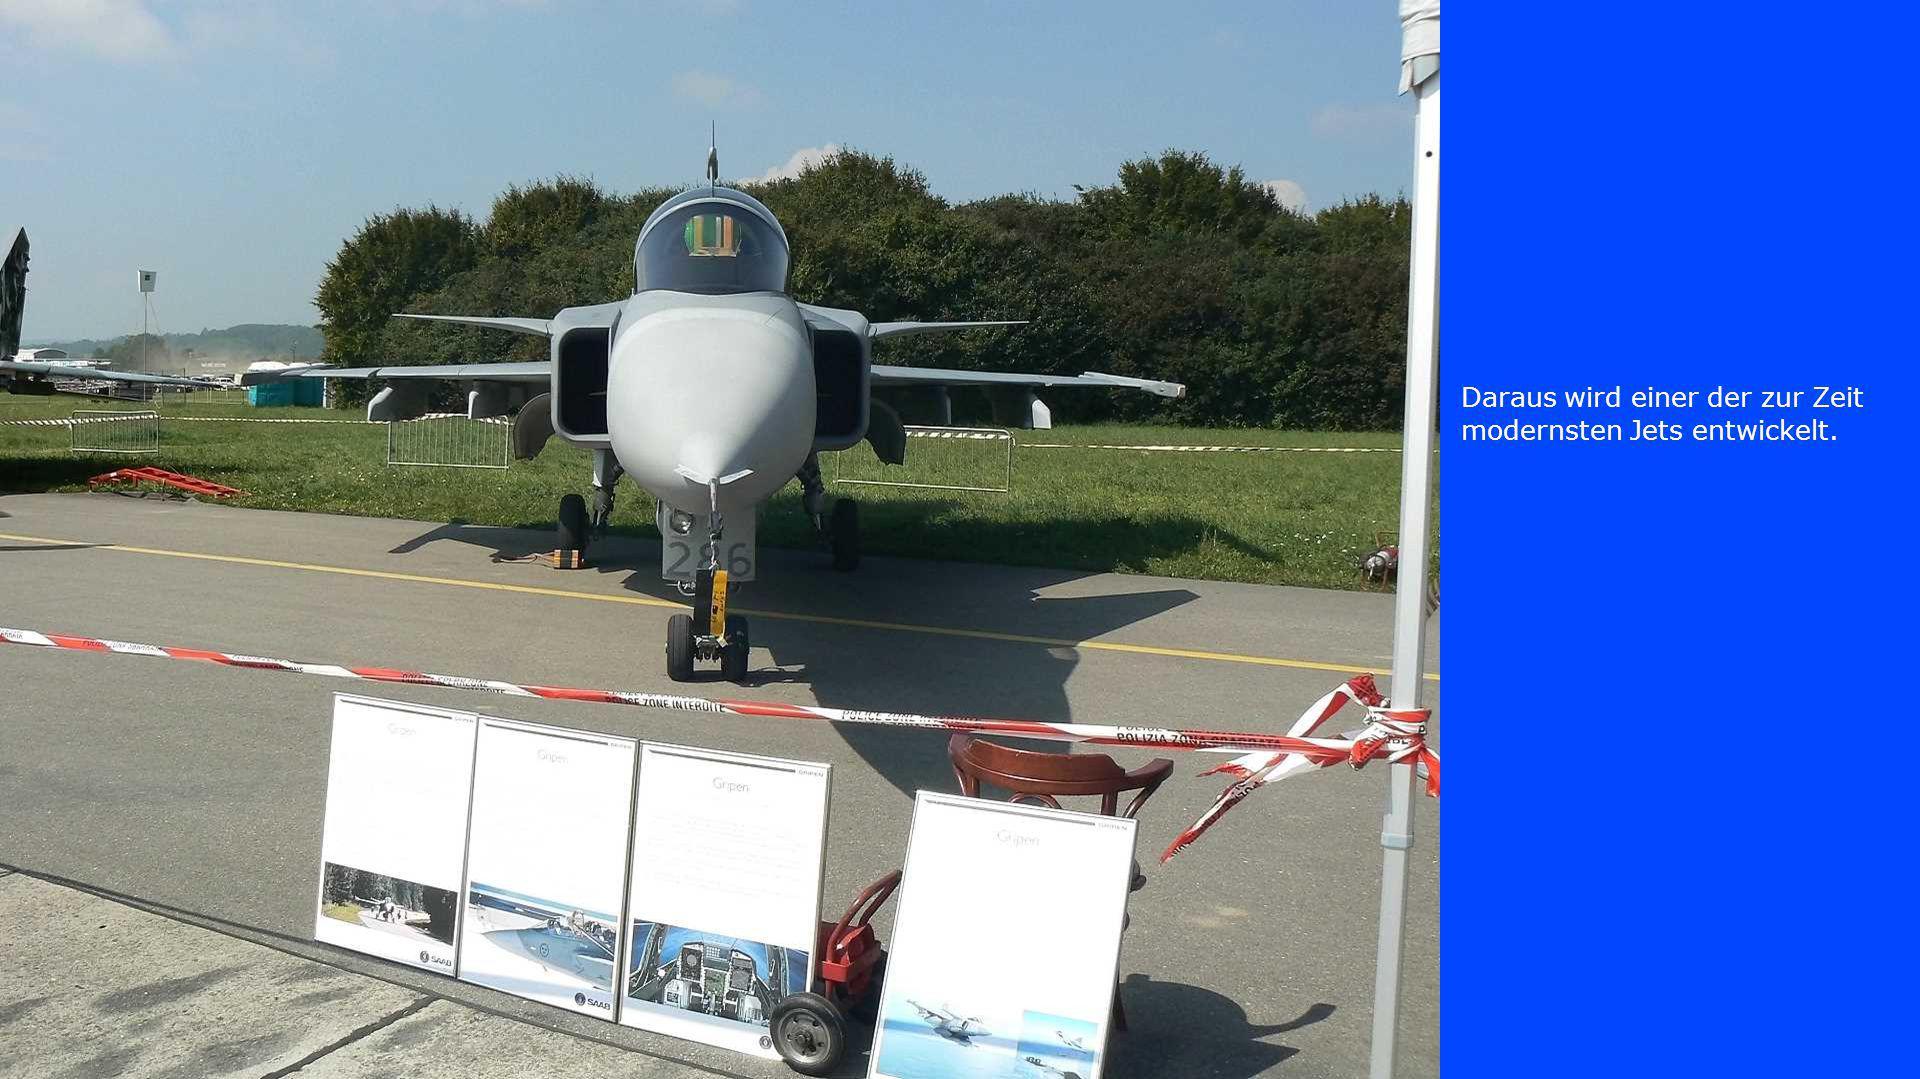 Daraus wird einer der zur Zeit modernsten Jets entwickelt.